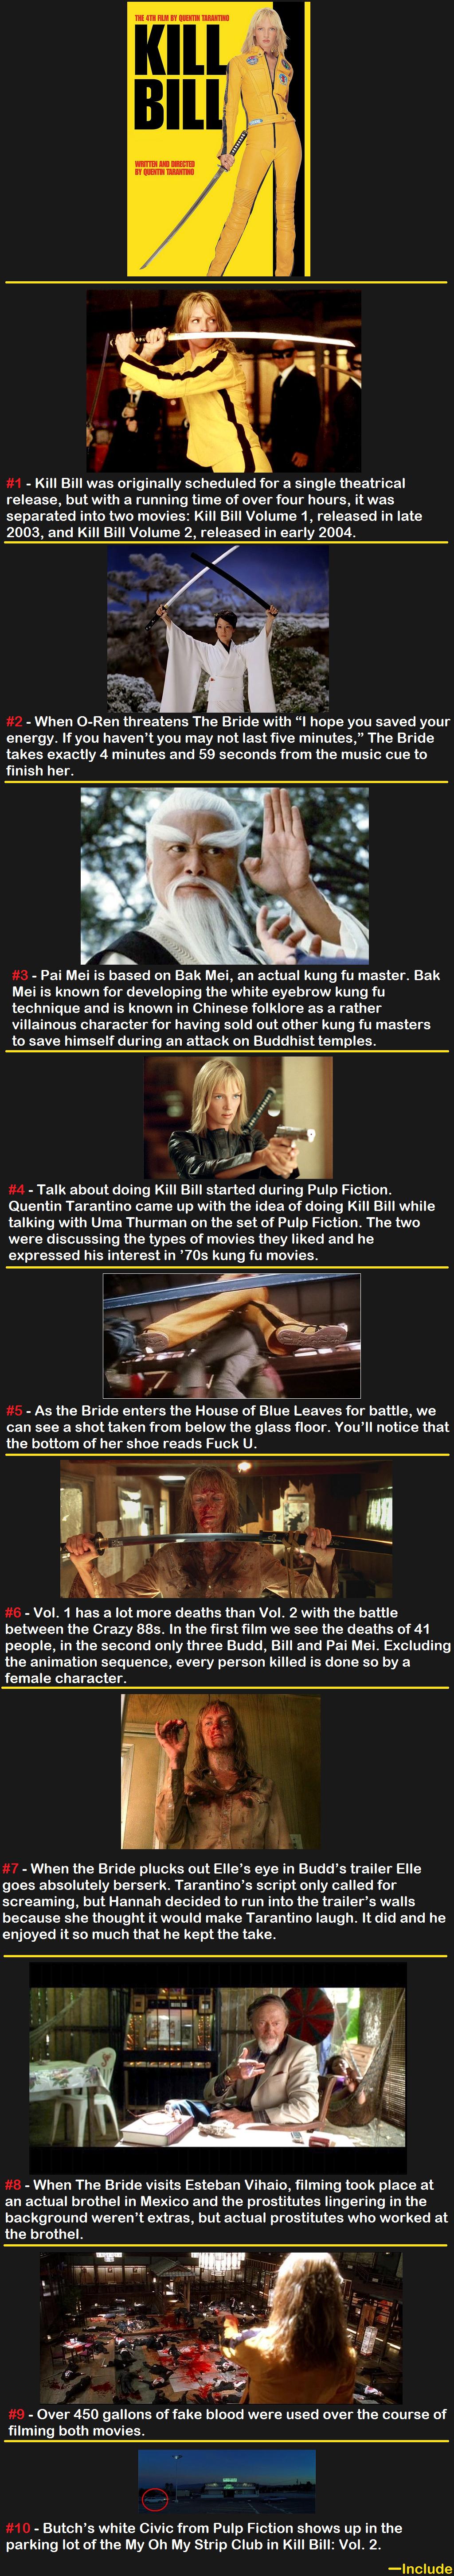 Kill Bill. Supernatural - funnyjunk.com/channel/comp-channel/Supernatural/pgzLLct/ Breaking Bad - funnyjunk.com/channel/comp-channel/Breaking+Bad/fpxLLsc/ Top G